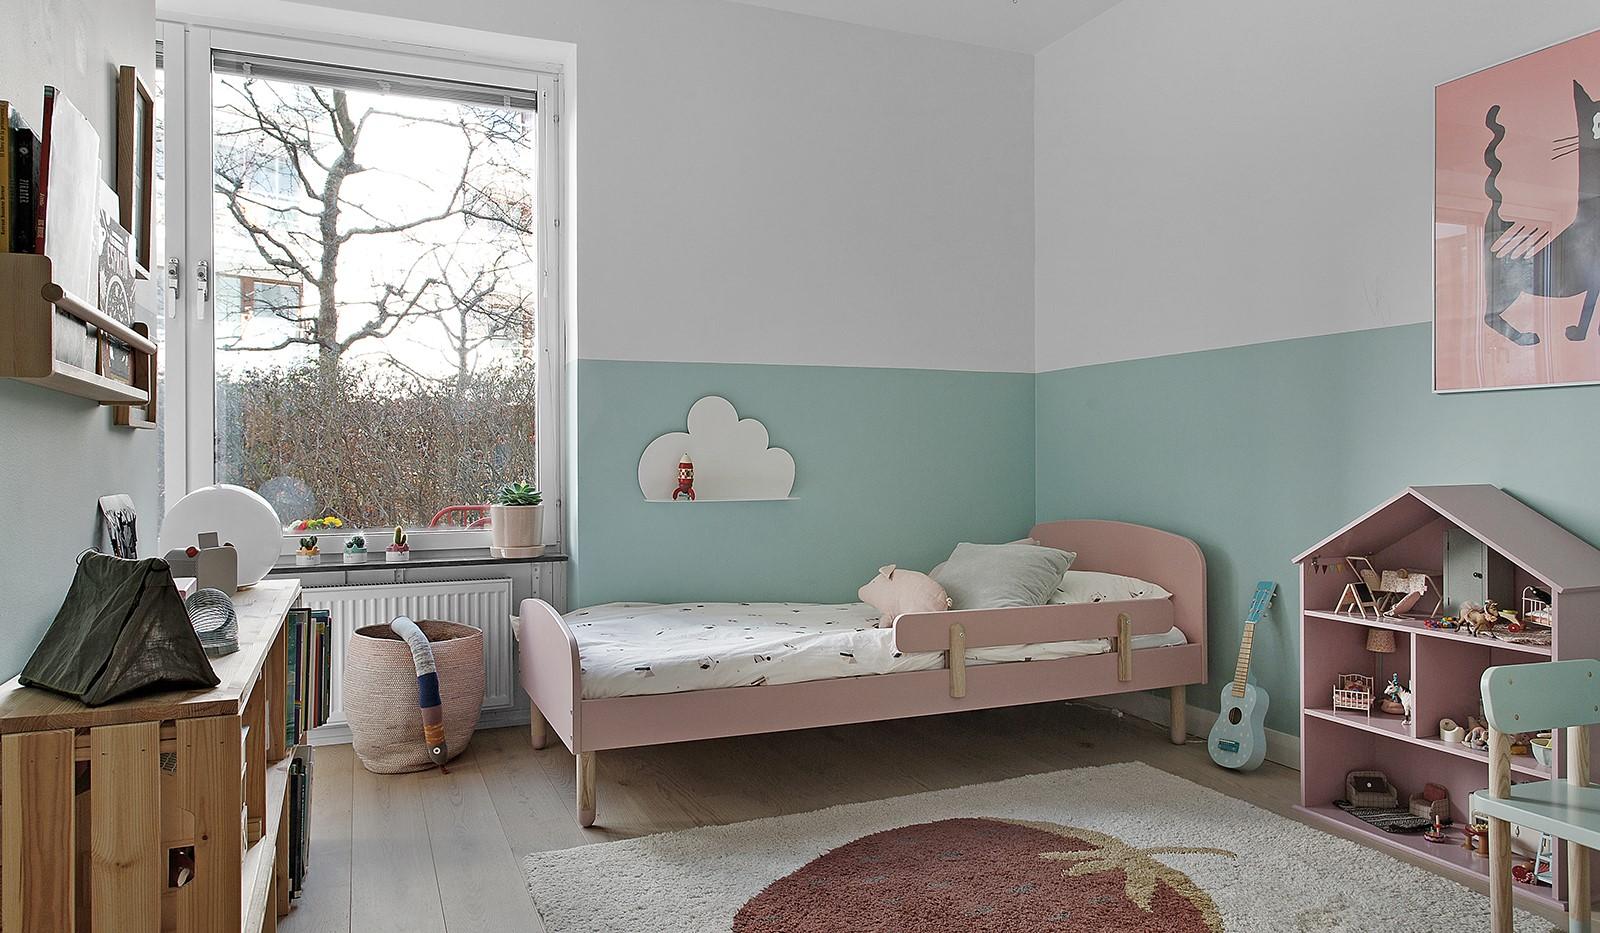 Sickla kanalgata 13B - Bägge bostadens sovrum vetter mot den lugna gården